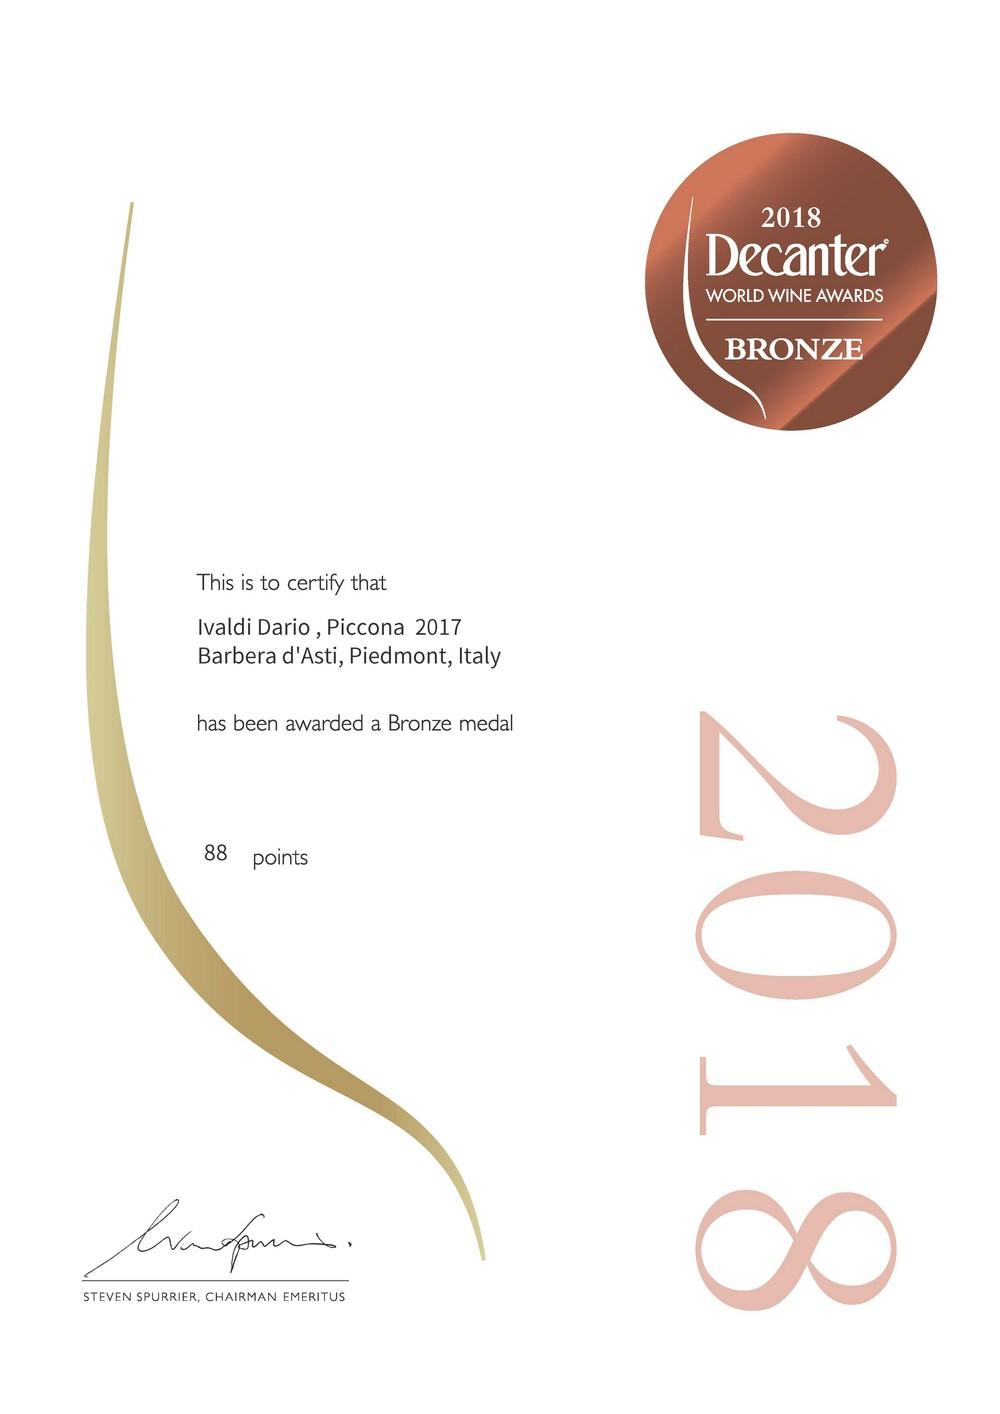 Premio Decanter 2018 al vino Piccona 2017 Barbera d'Asti